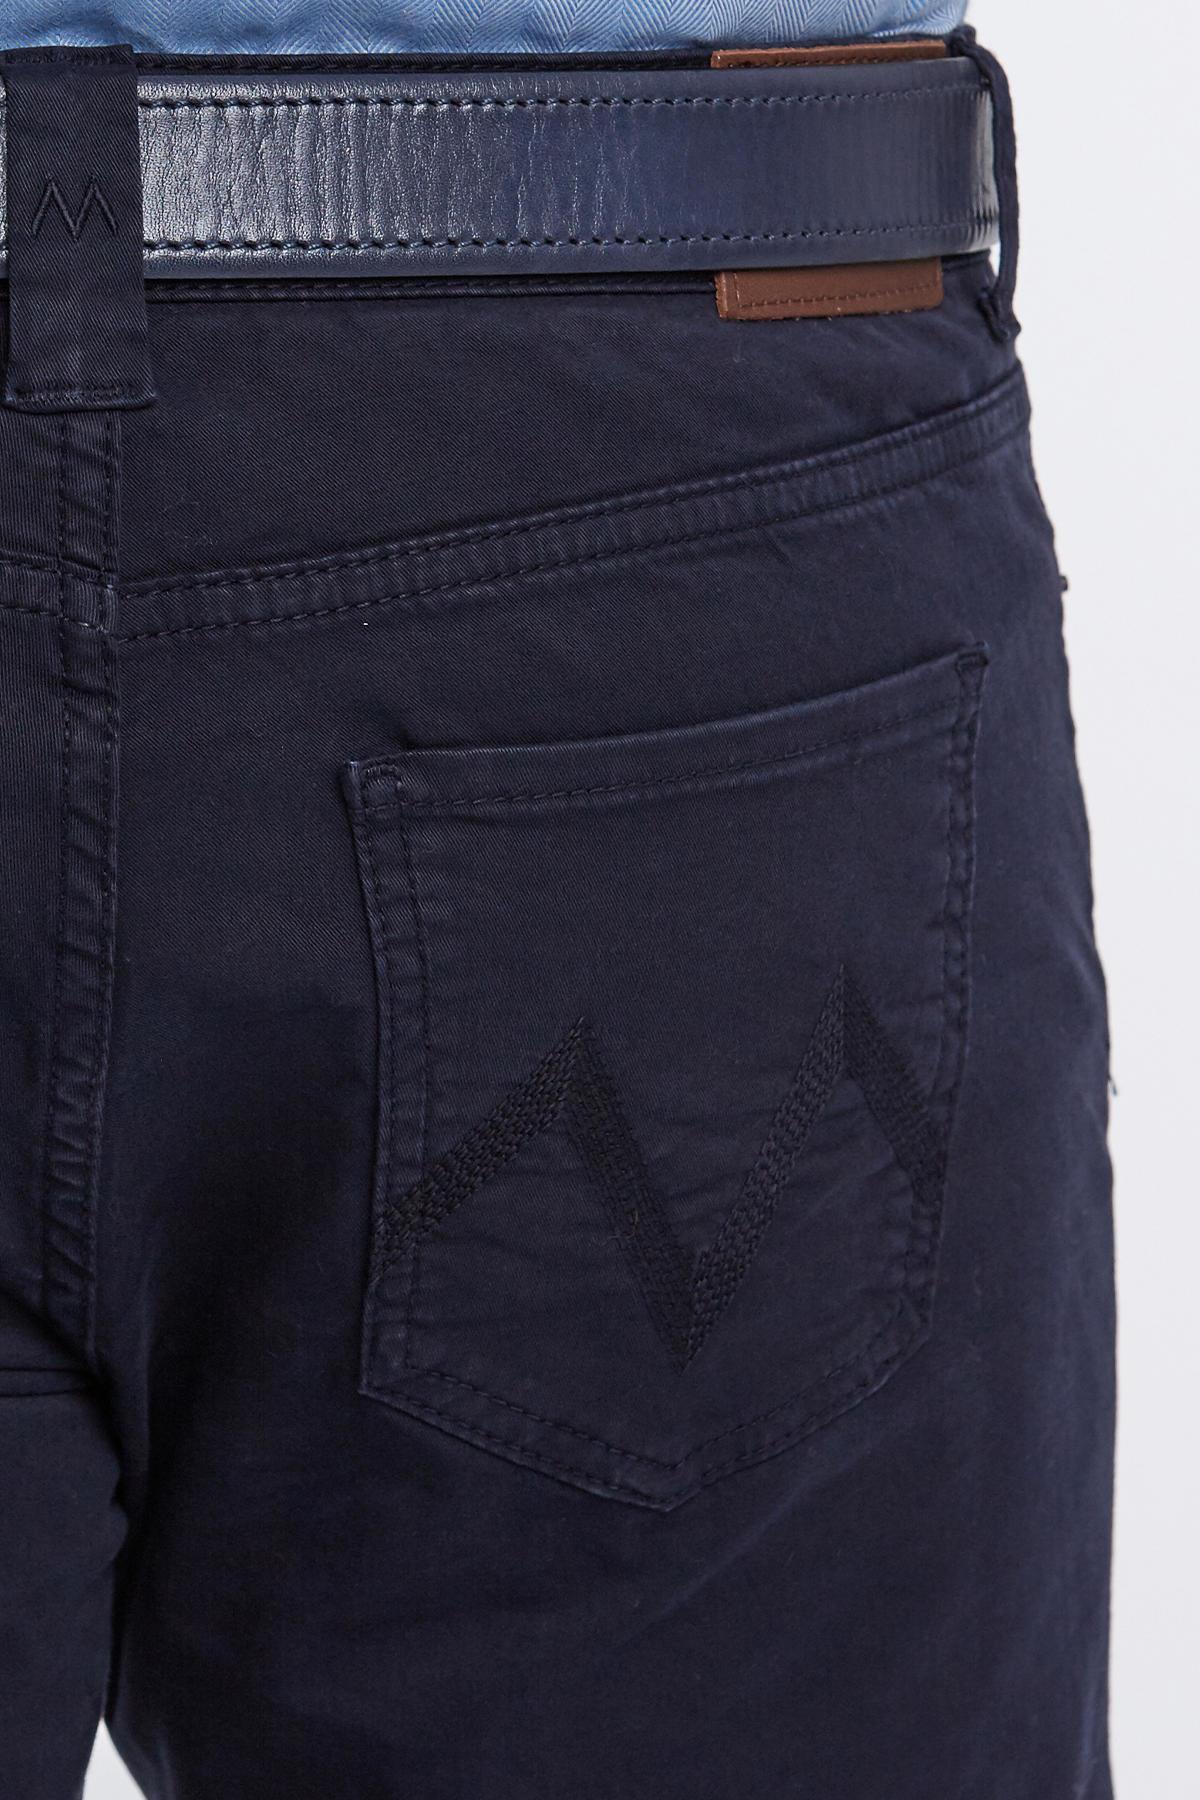 Slim Fit Lacivert 5 Cep Pantolon